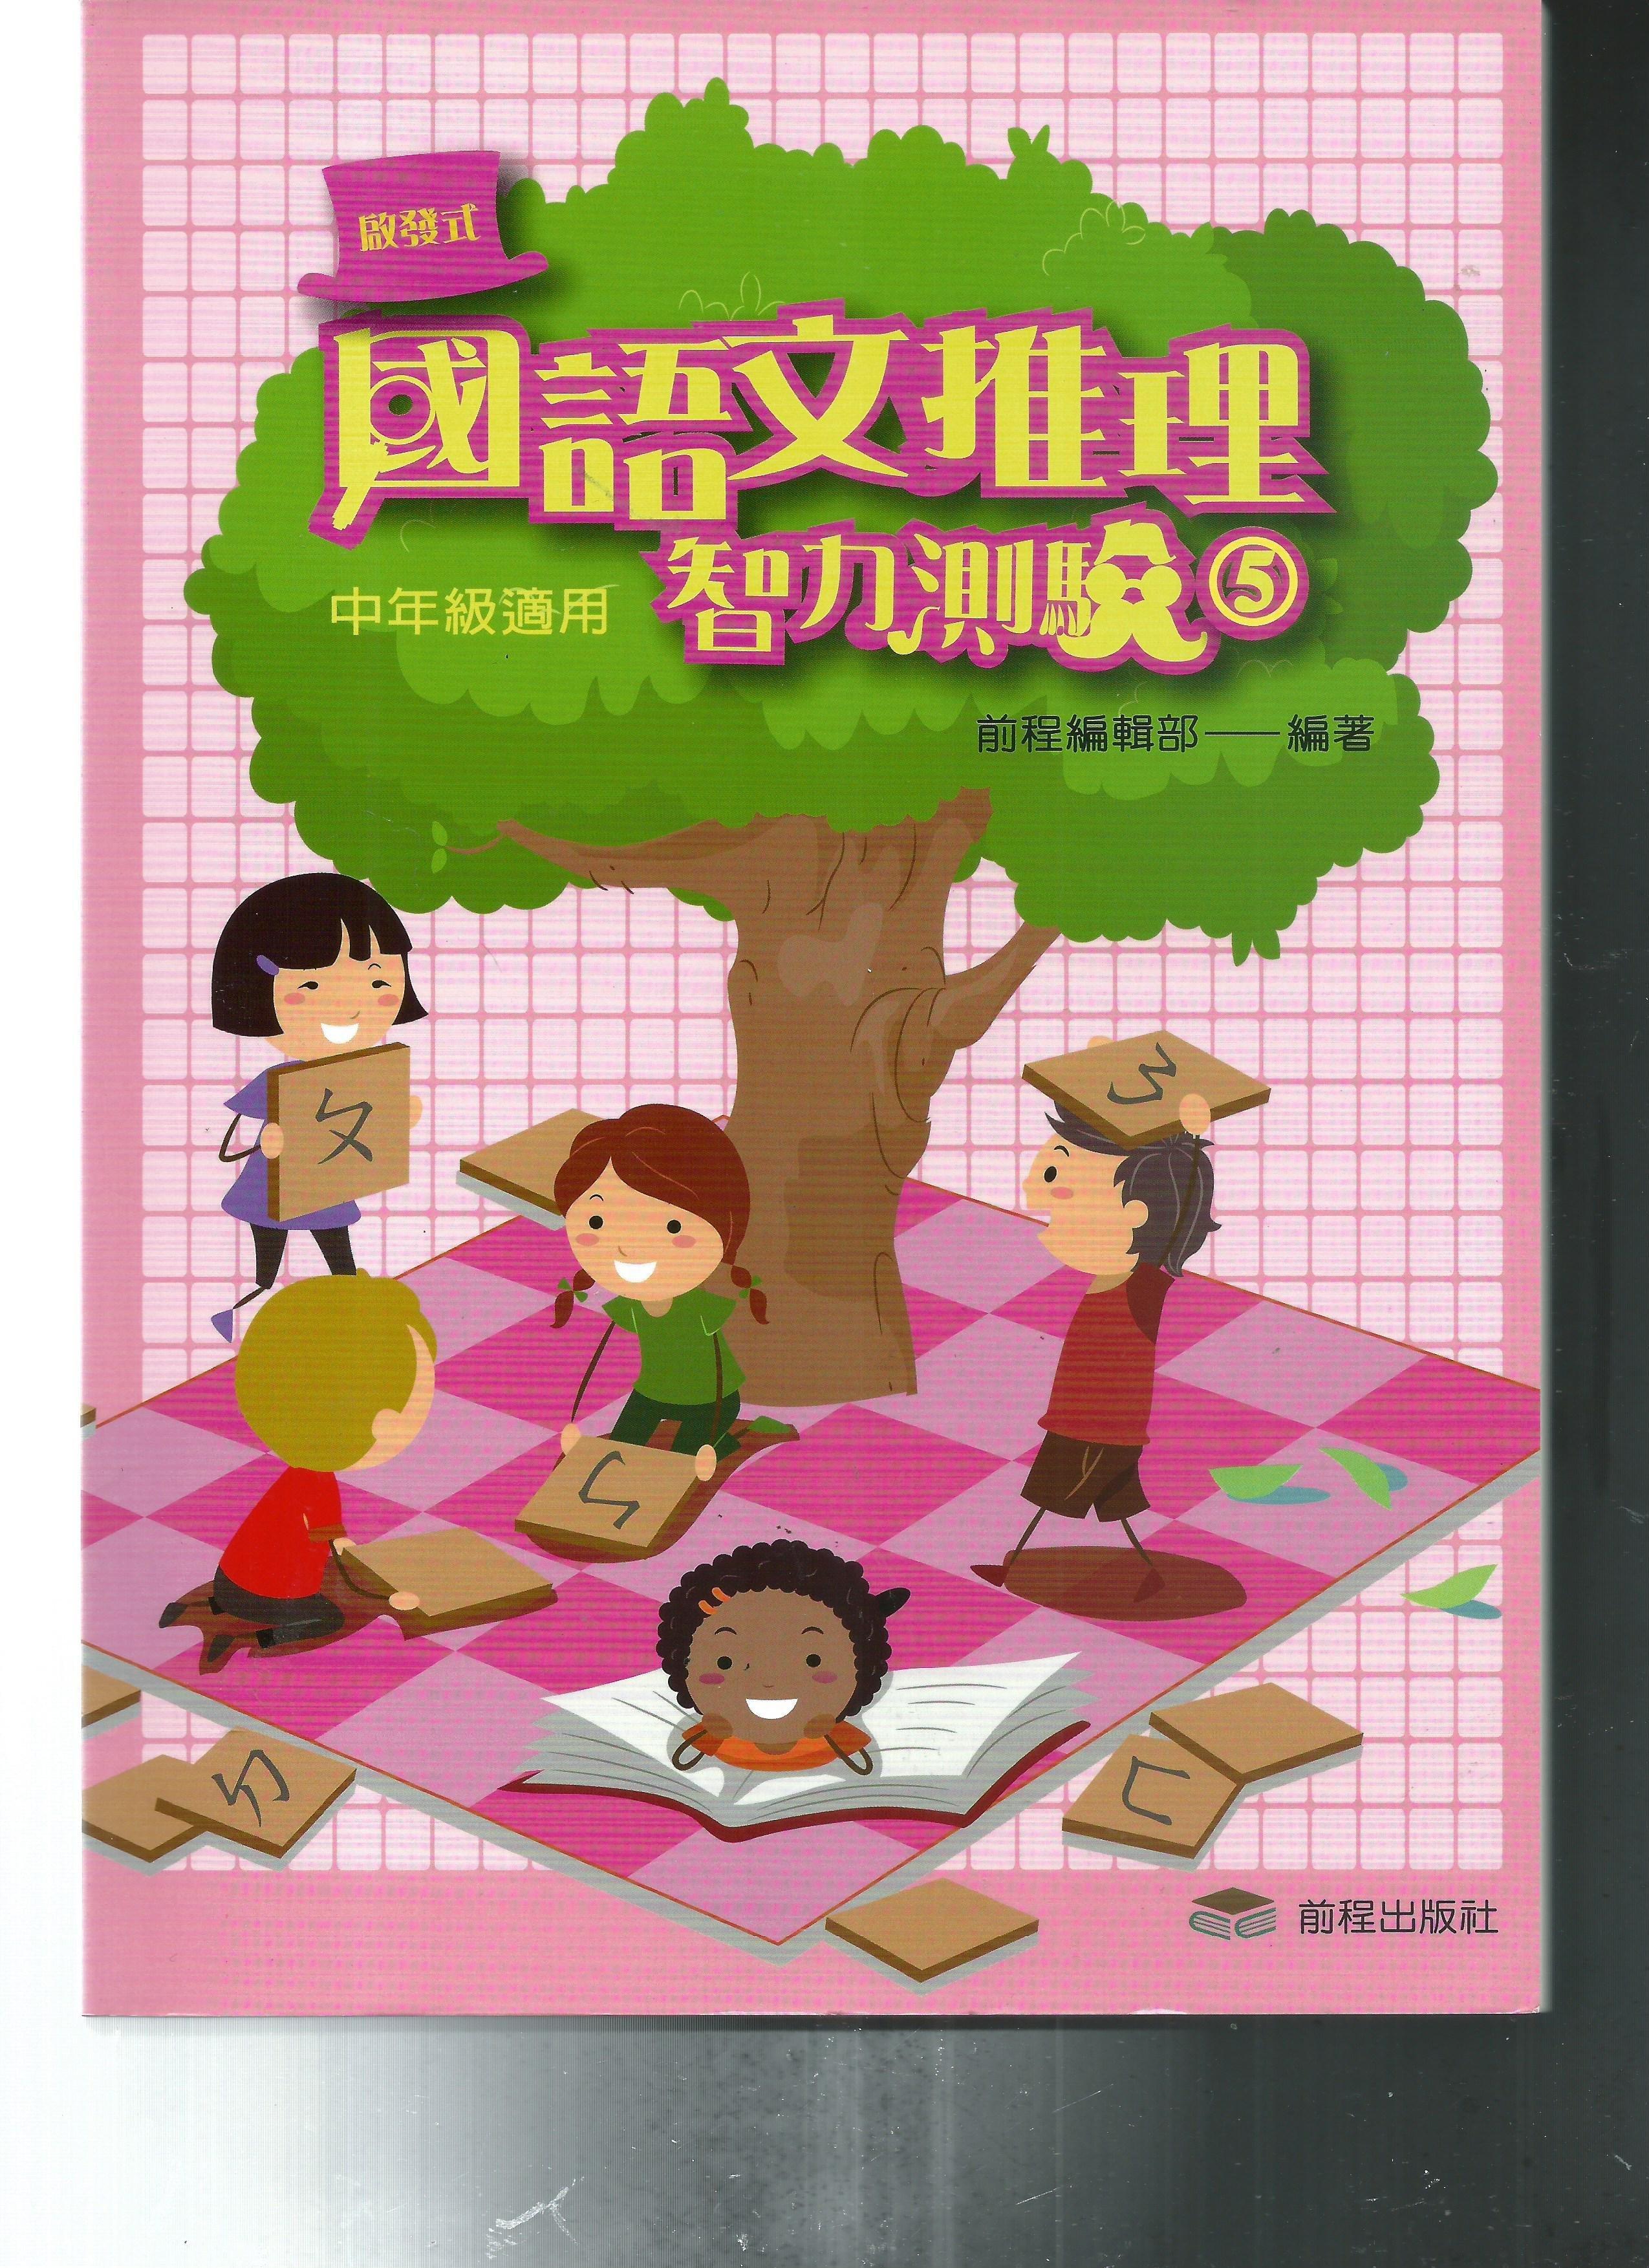 前程. 啟發式國語文推理智力測驗(5)-中年級